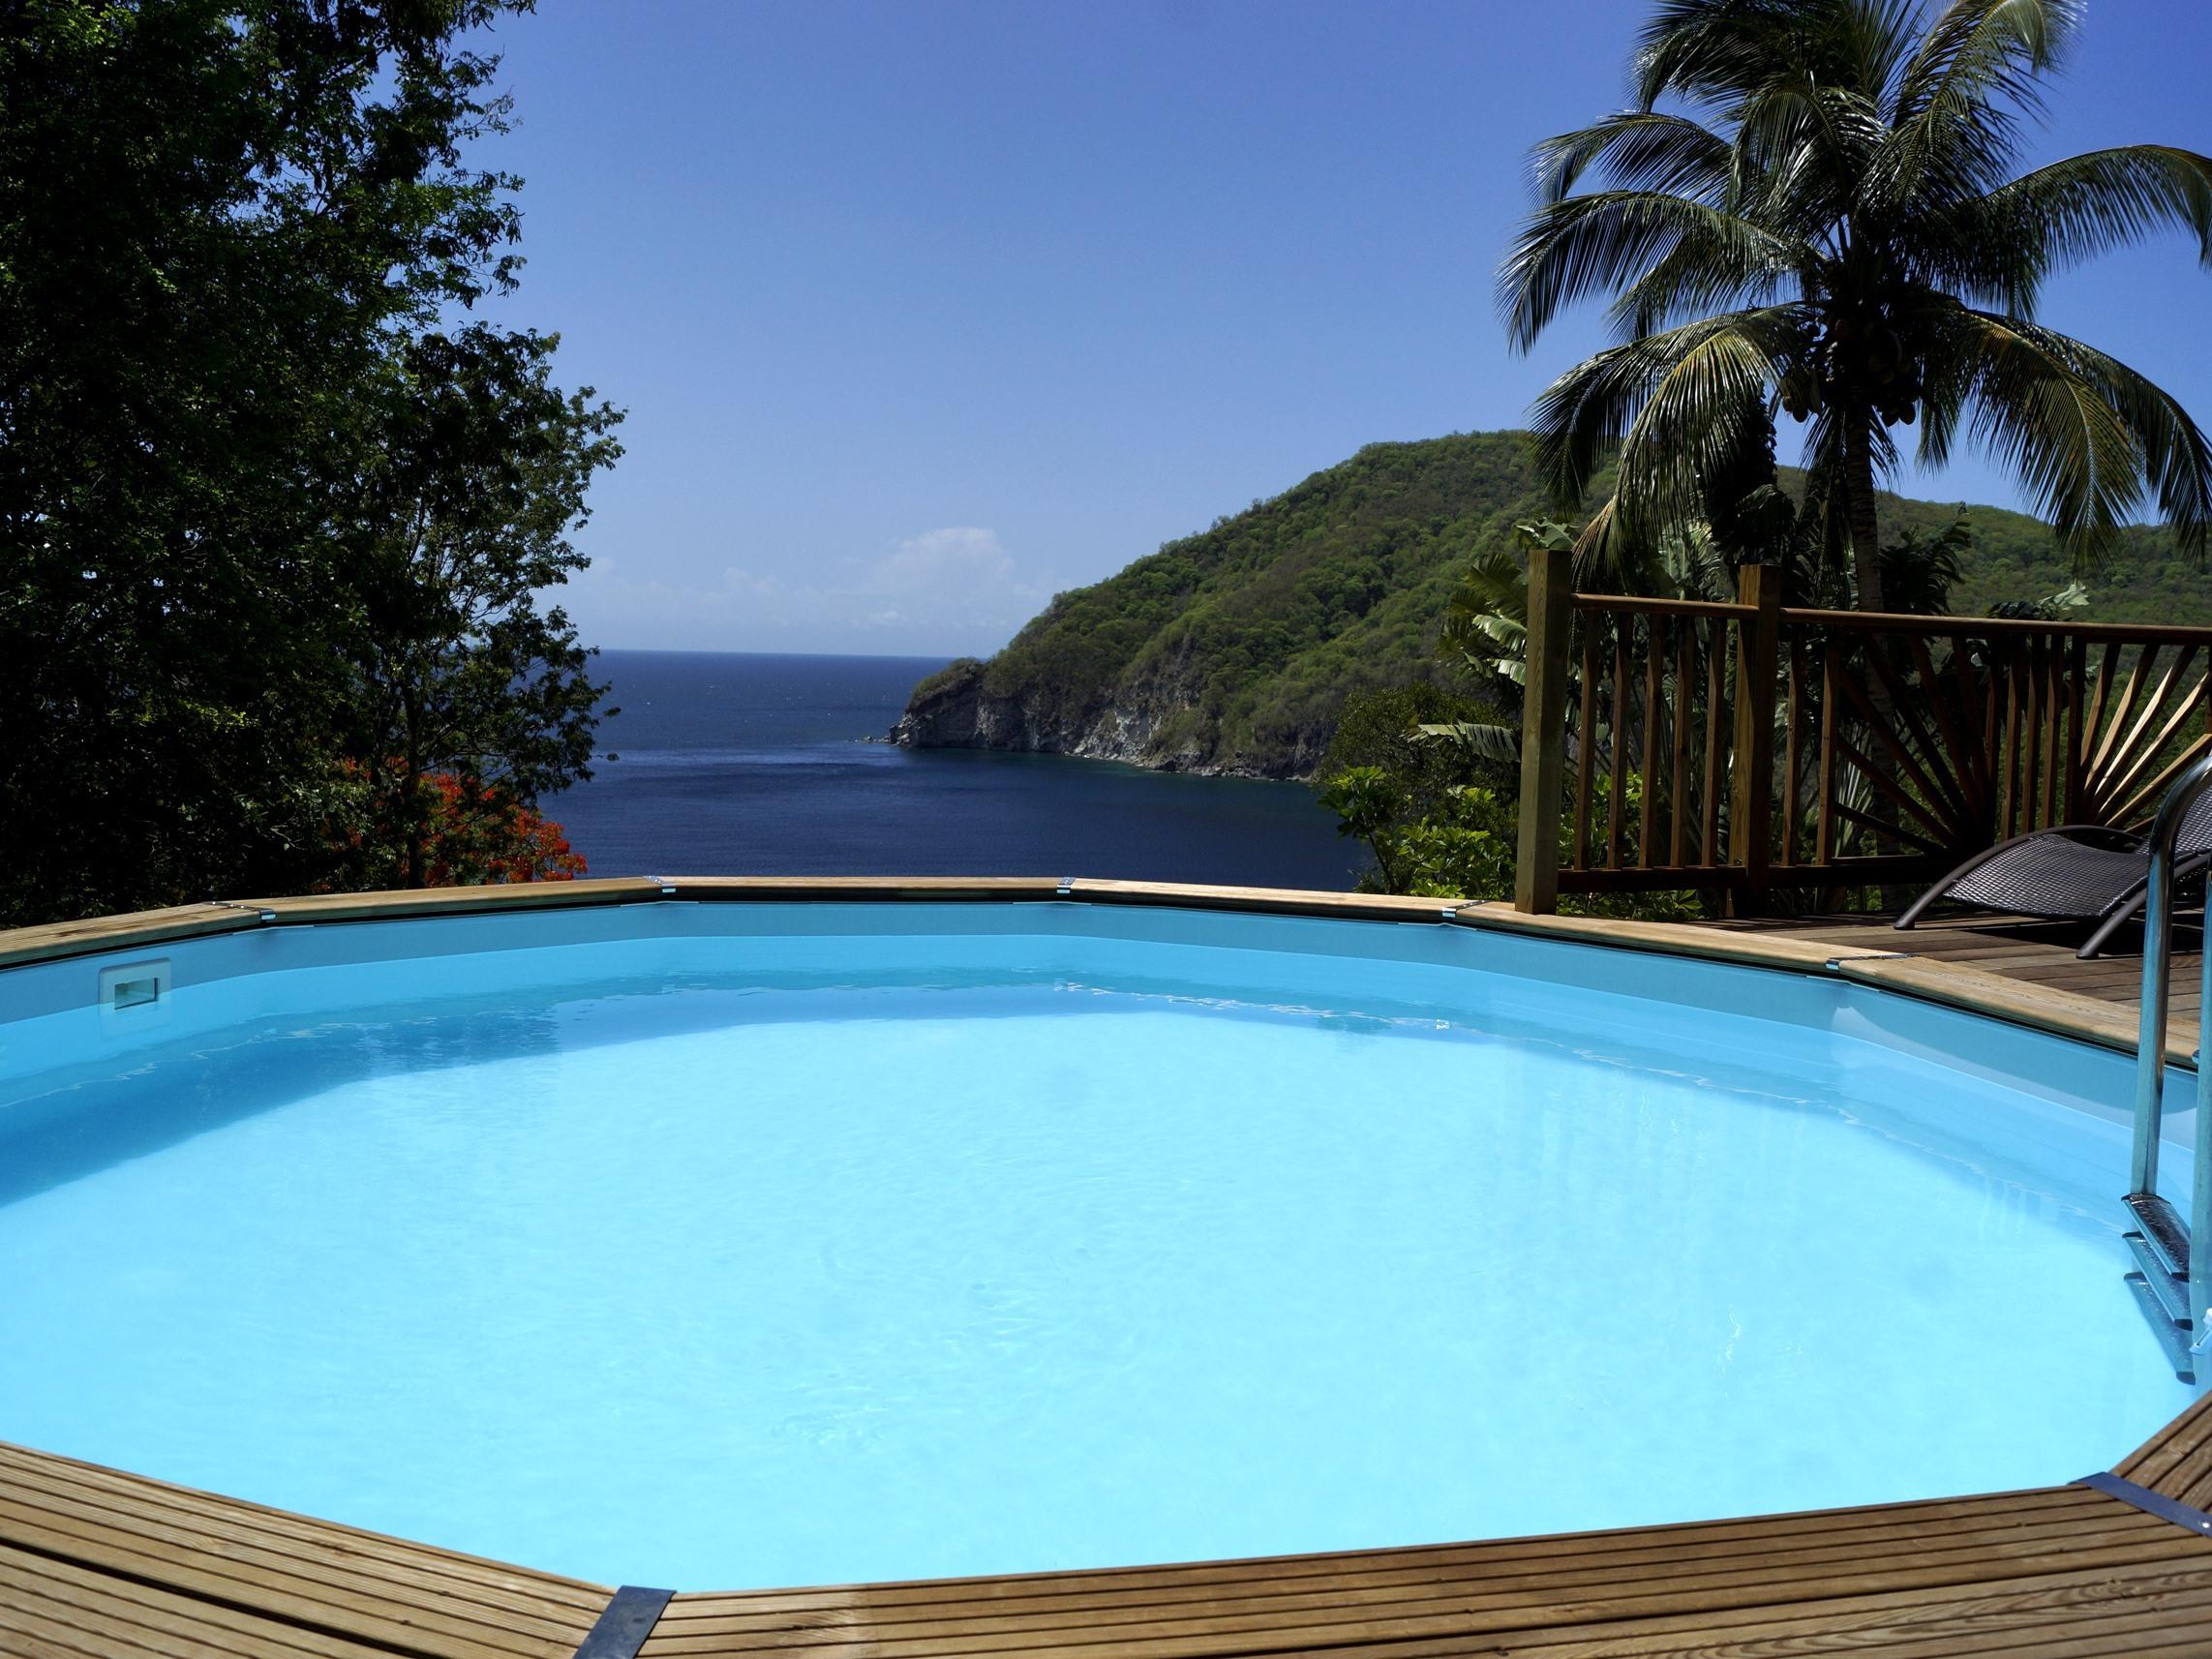 Villa-Salle de bain privée séparée-Vue mer - Tarif de base